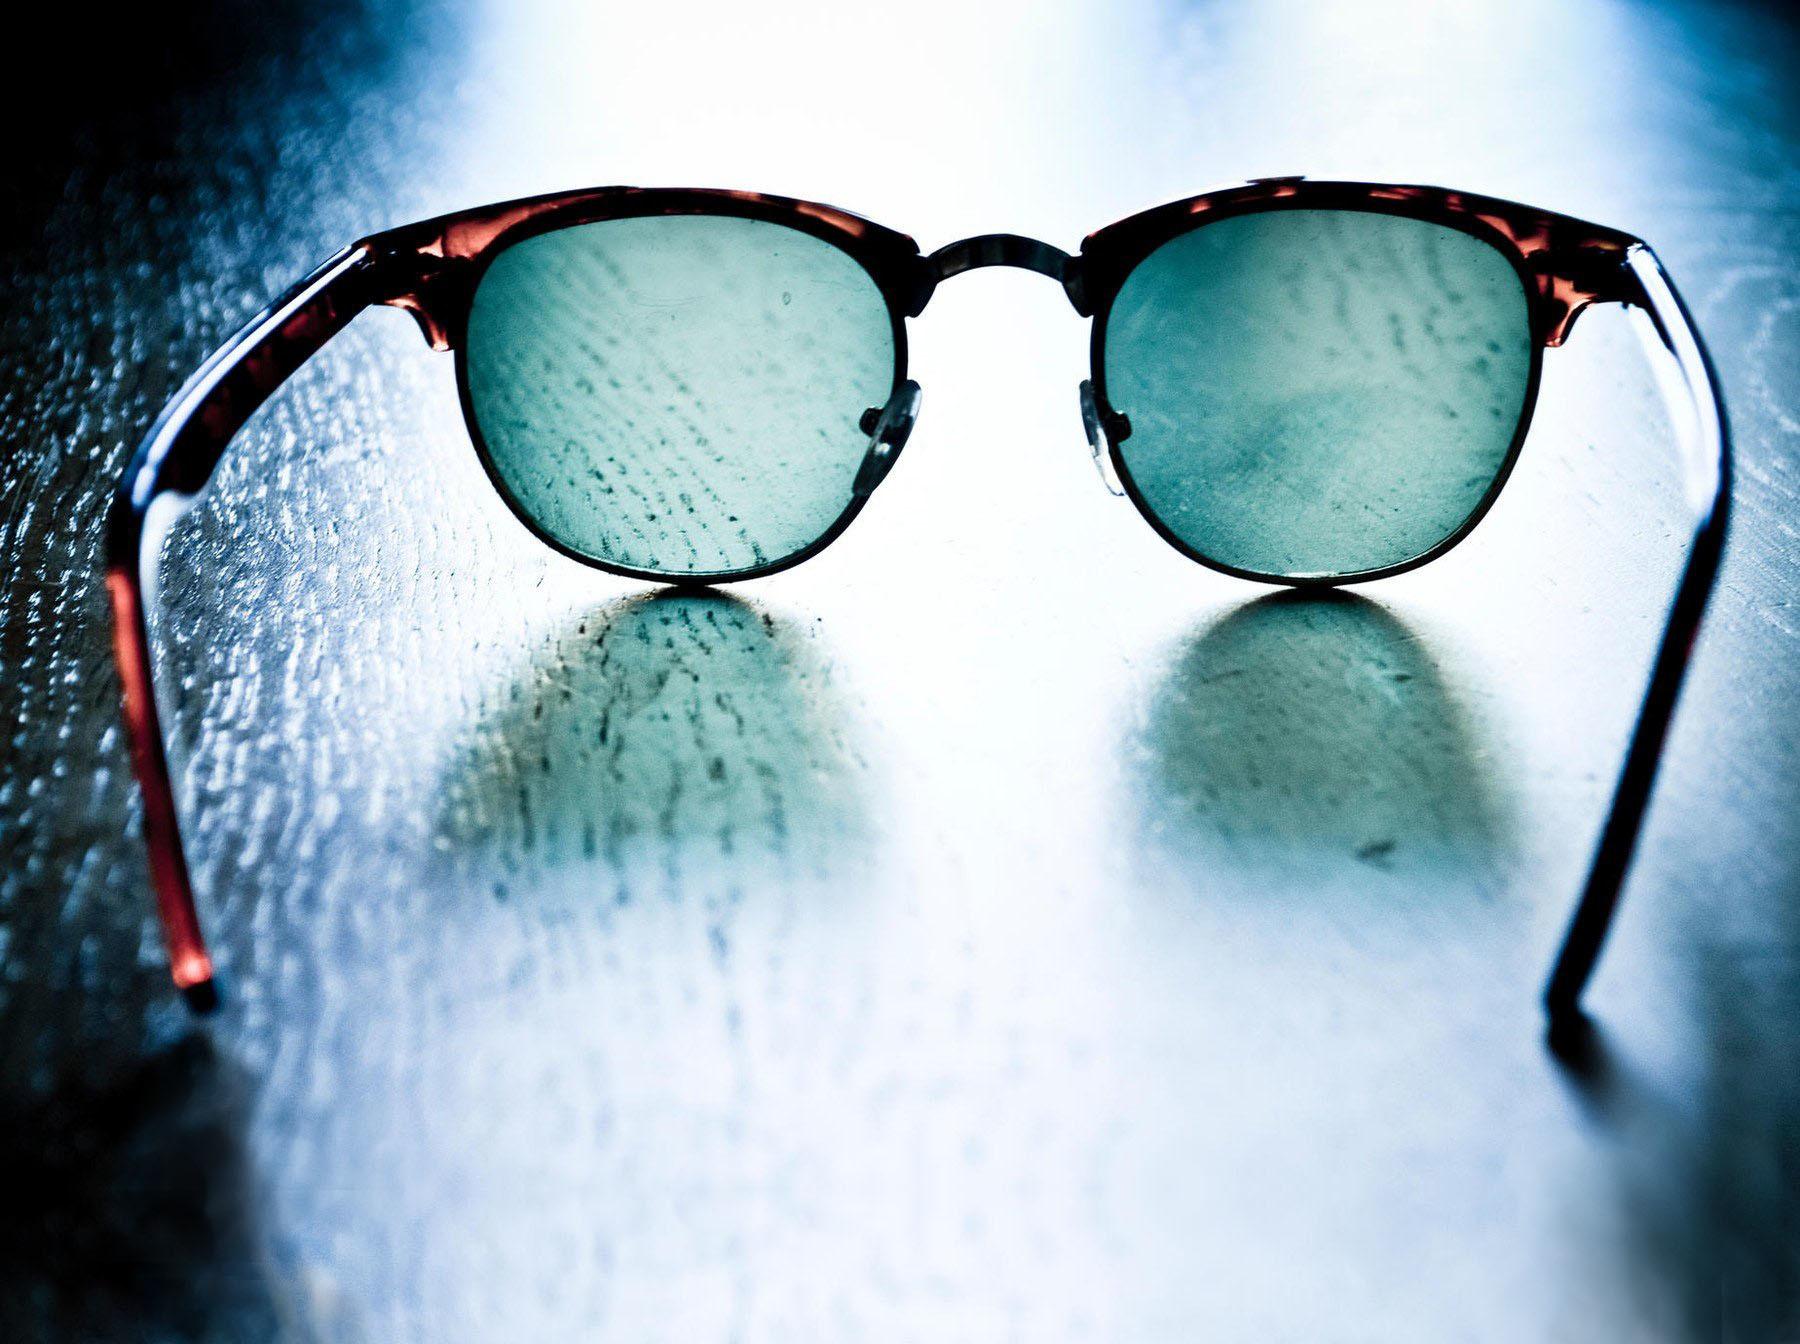 Jak se dají oči chránit před sluncem? Třeba tak, že odložíte sluneční brýle